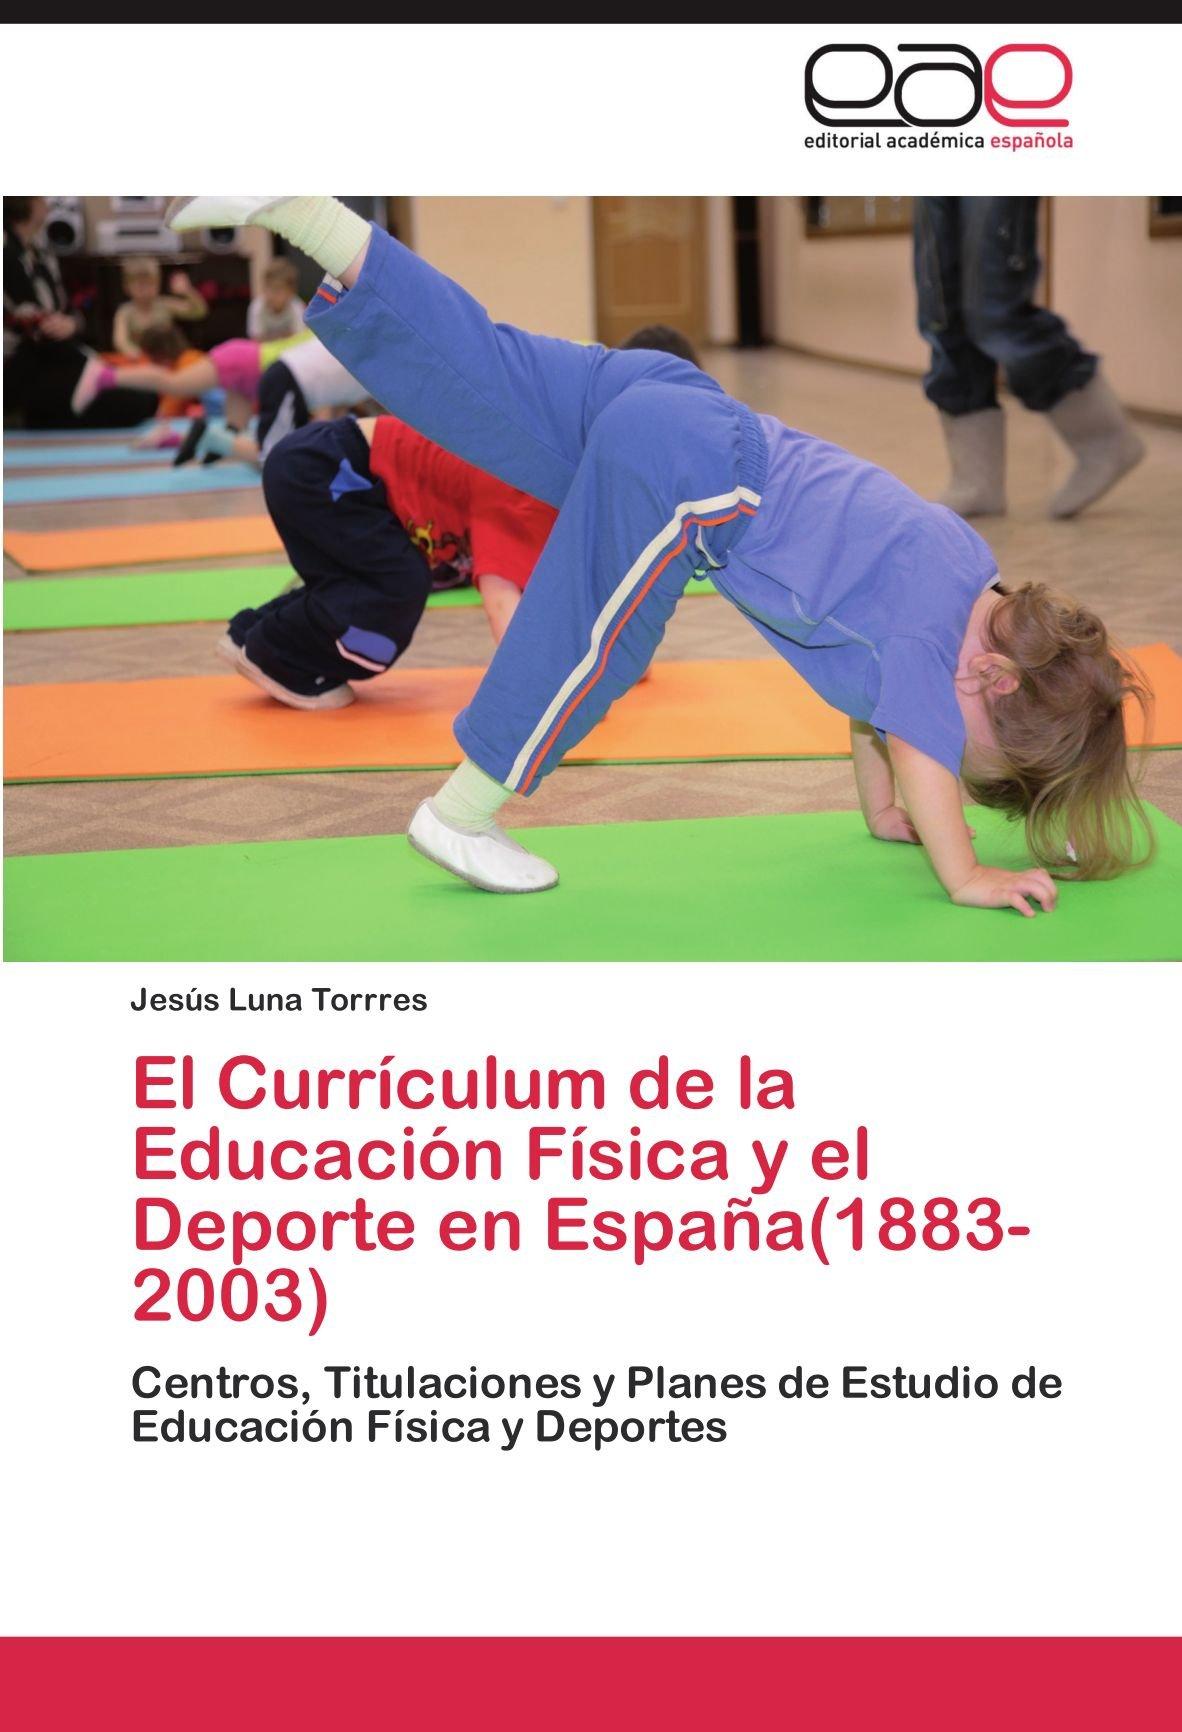 El Currículum de la Educación Física y el Deporte en España 1883-2003: Amazon.es: Luna Torrres Jesús: Libros